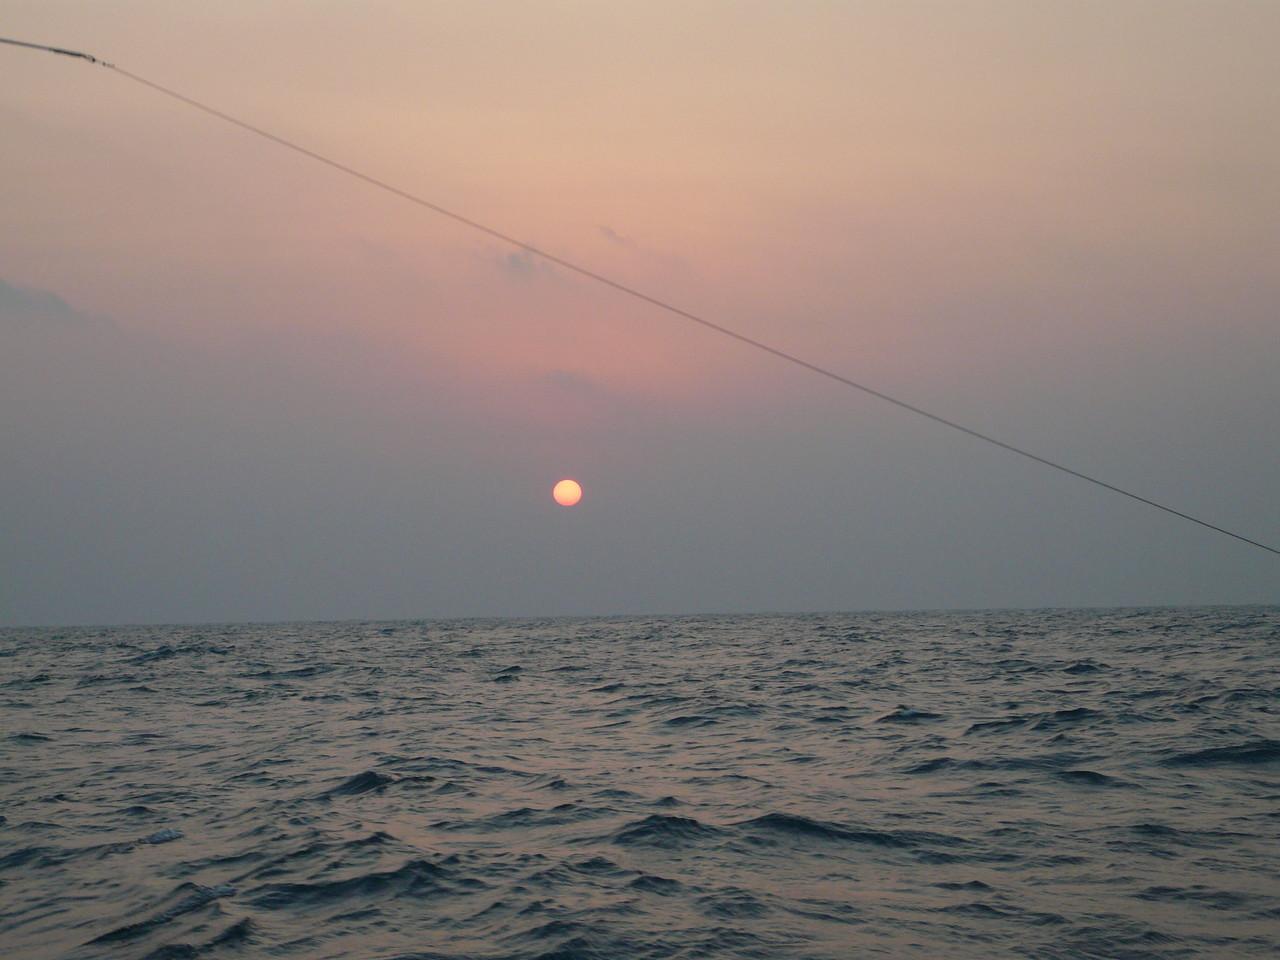 2014年1月6日初釣り 北の風10m 波の高さ0.9m